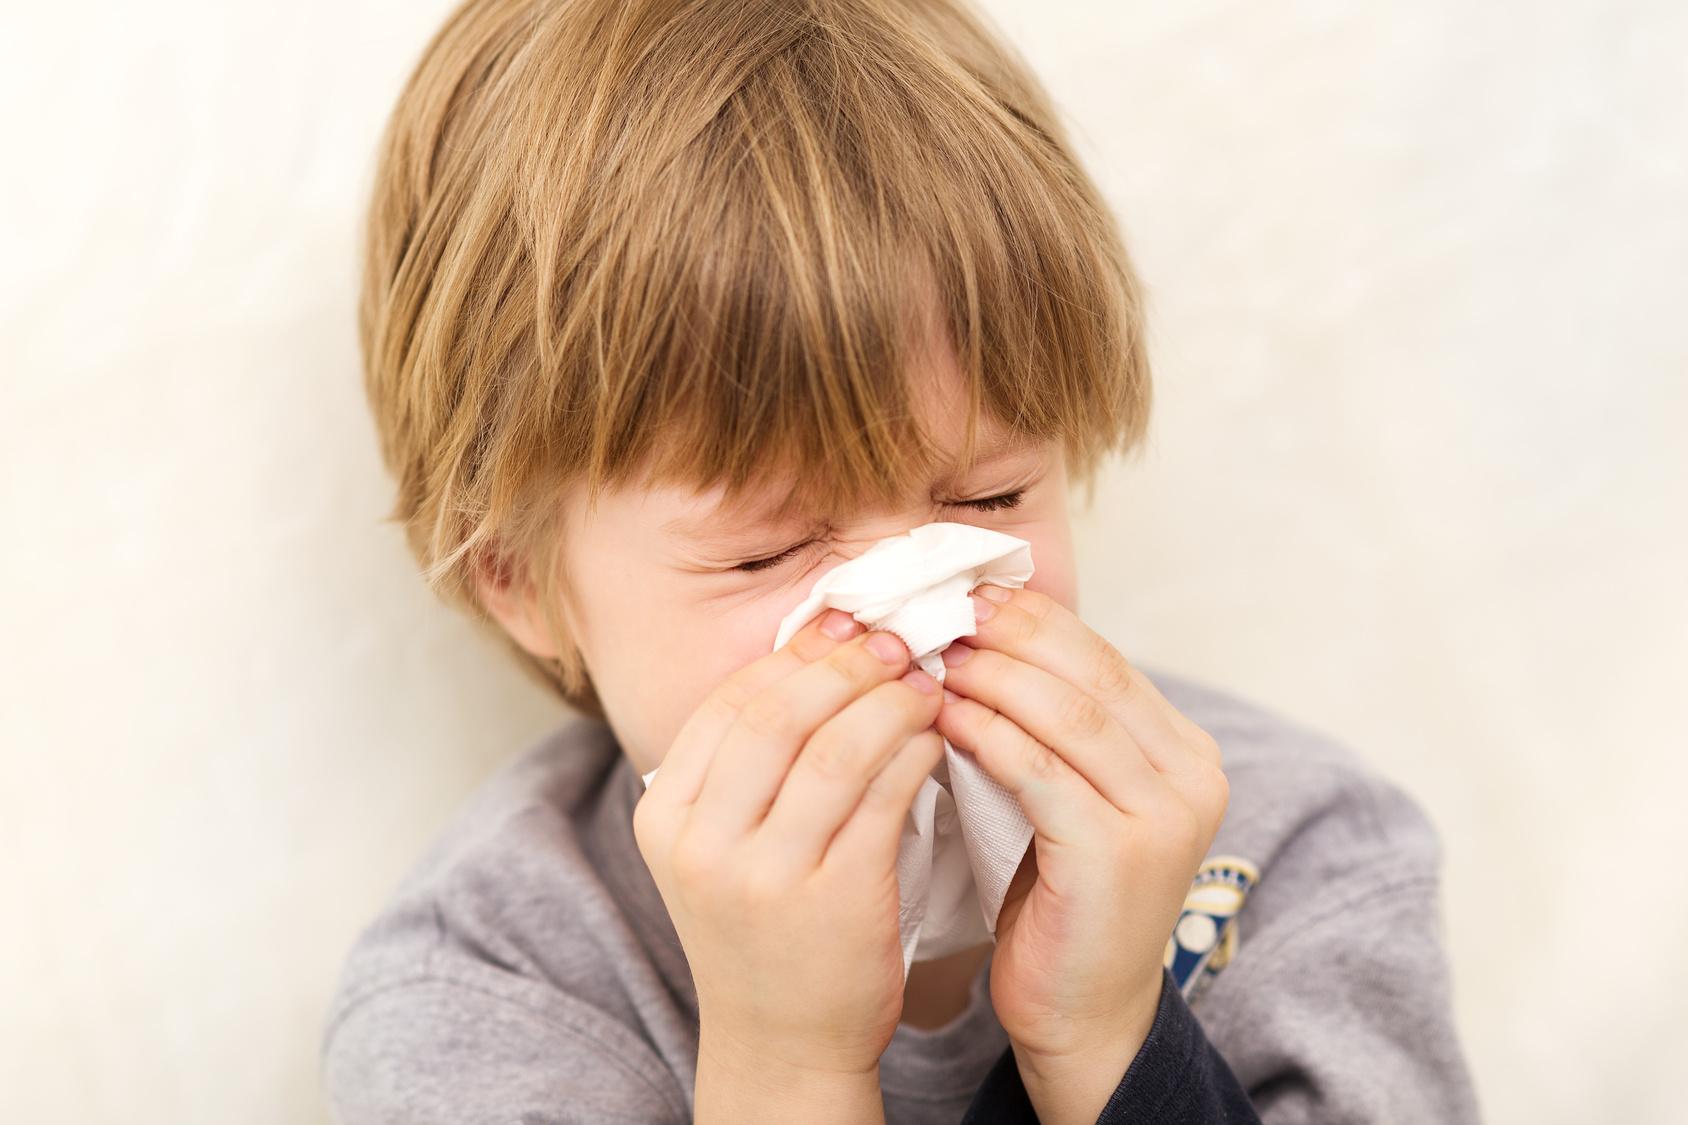 Гайморит у взрослых причины, признаки и симптомы